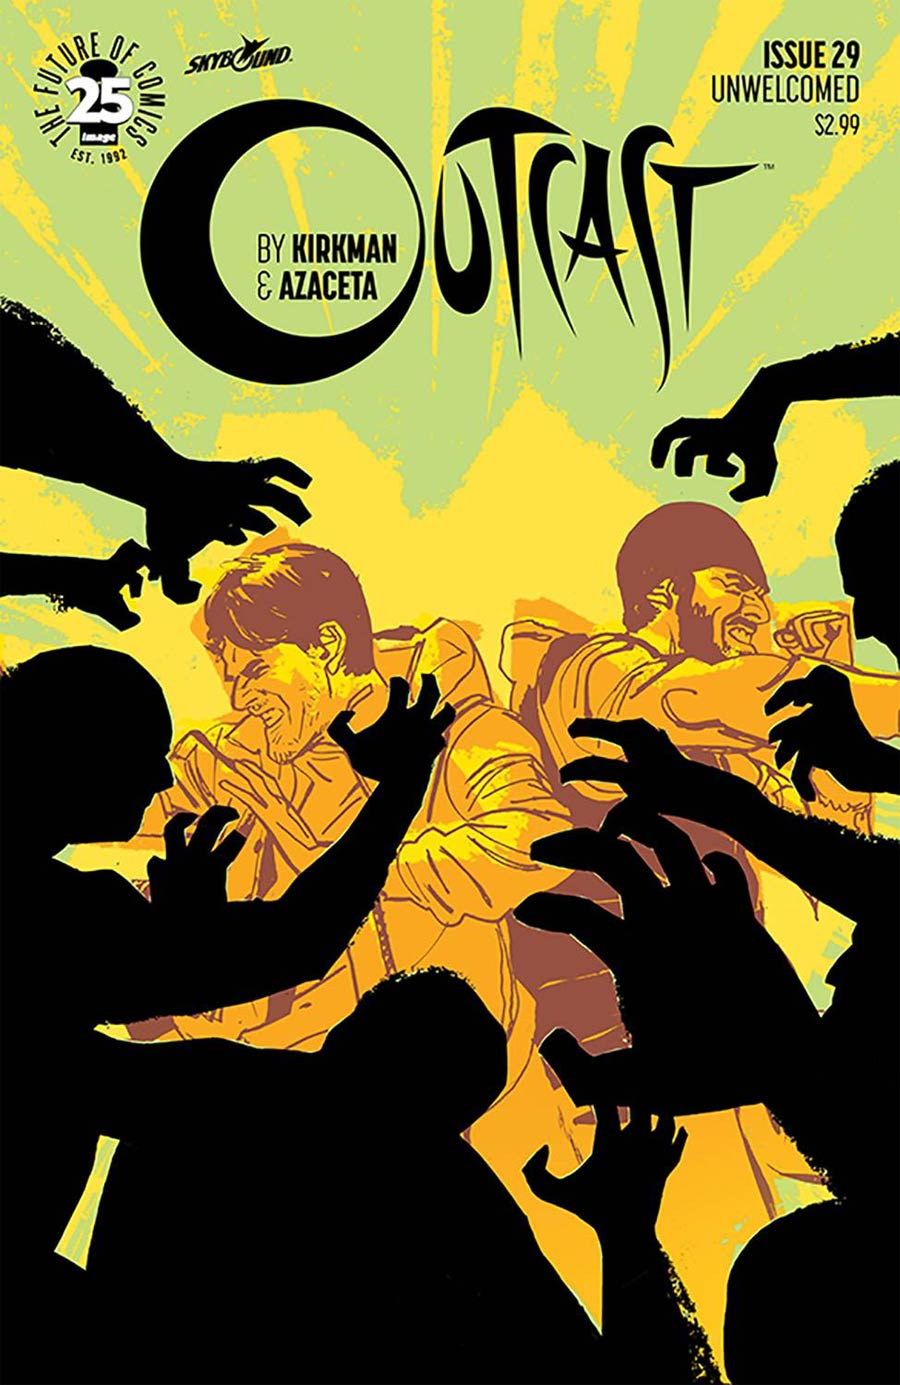 Outcast By Kirkman & Azaceta #29